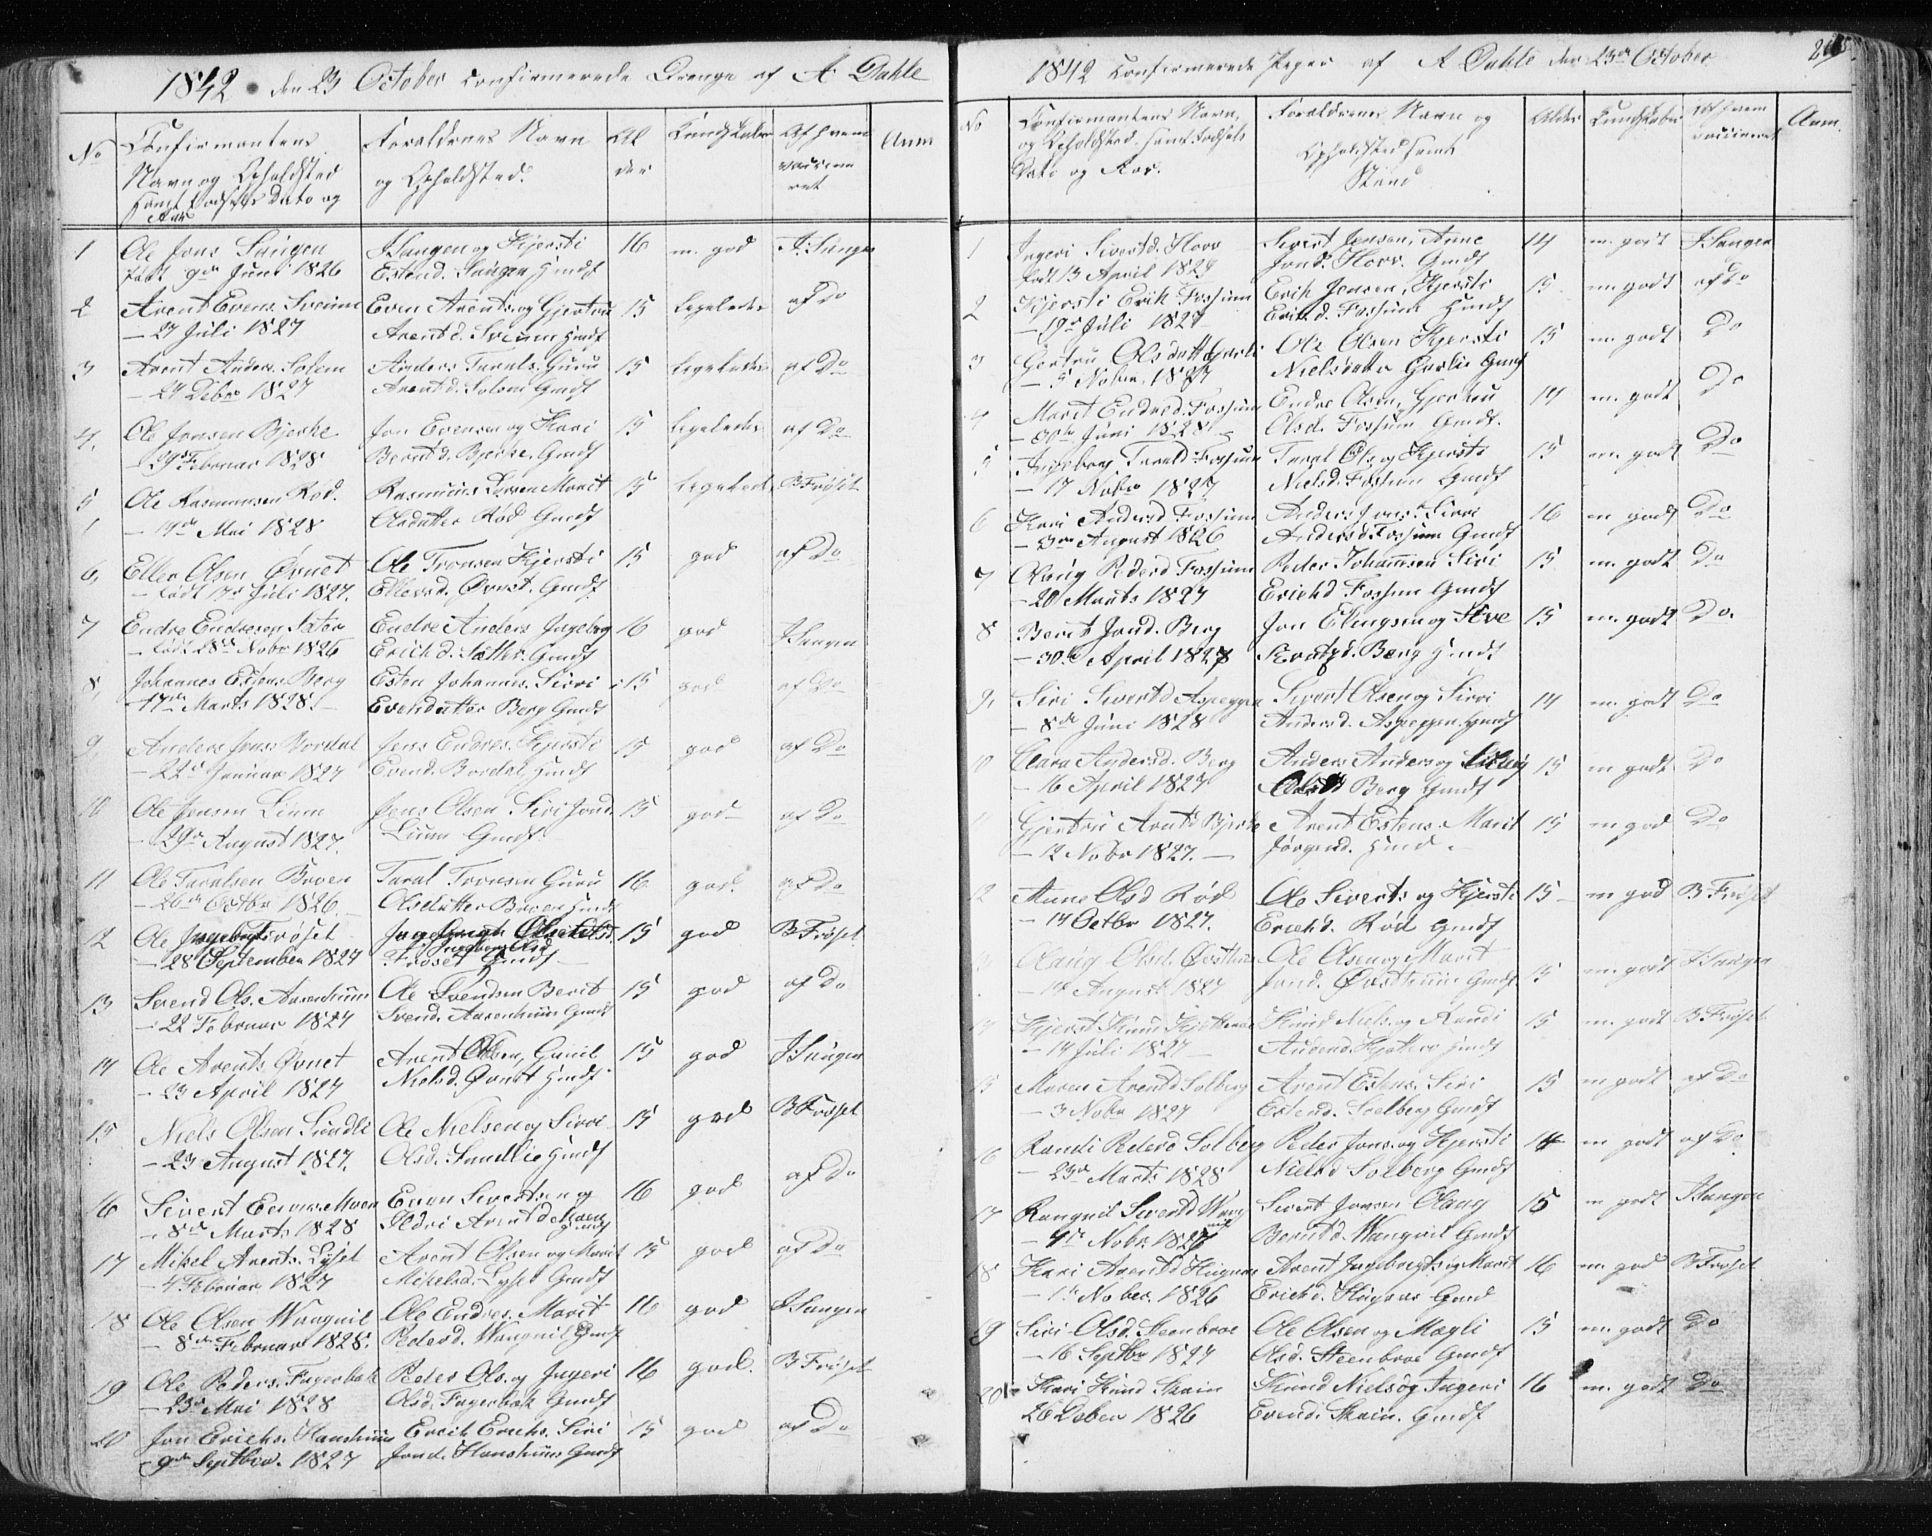 SAT, Ministerialprotokoller, klokkerbøker og fødselsregistre - Sør-Trøndelag, 689/L1043: Klokkerbok nr. 689C02, 1816-1892, s. 265